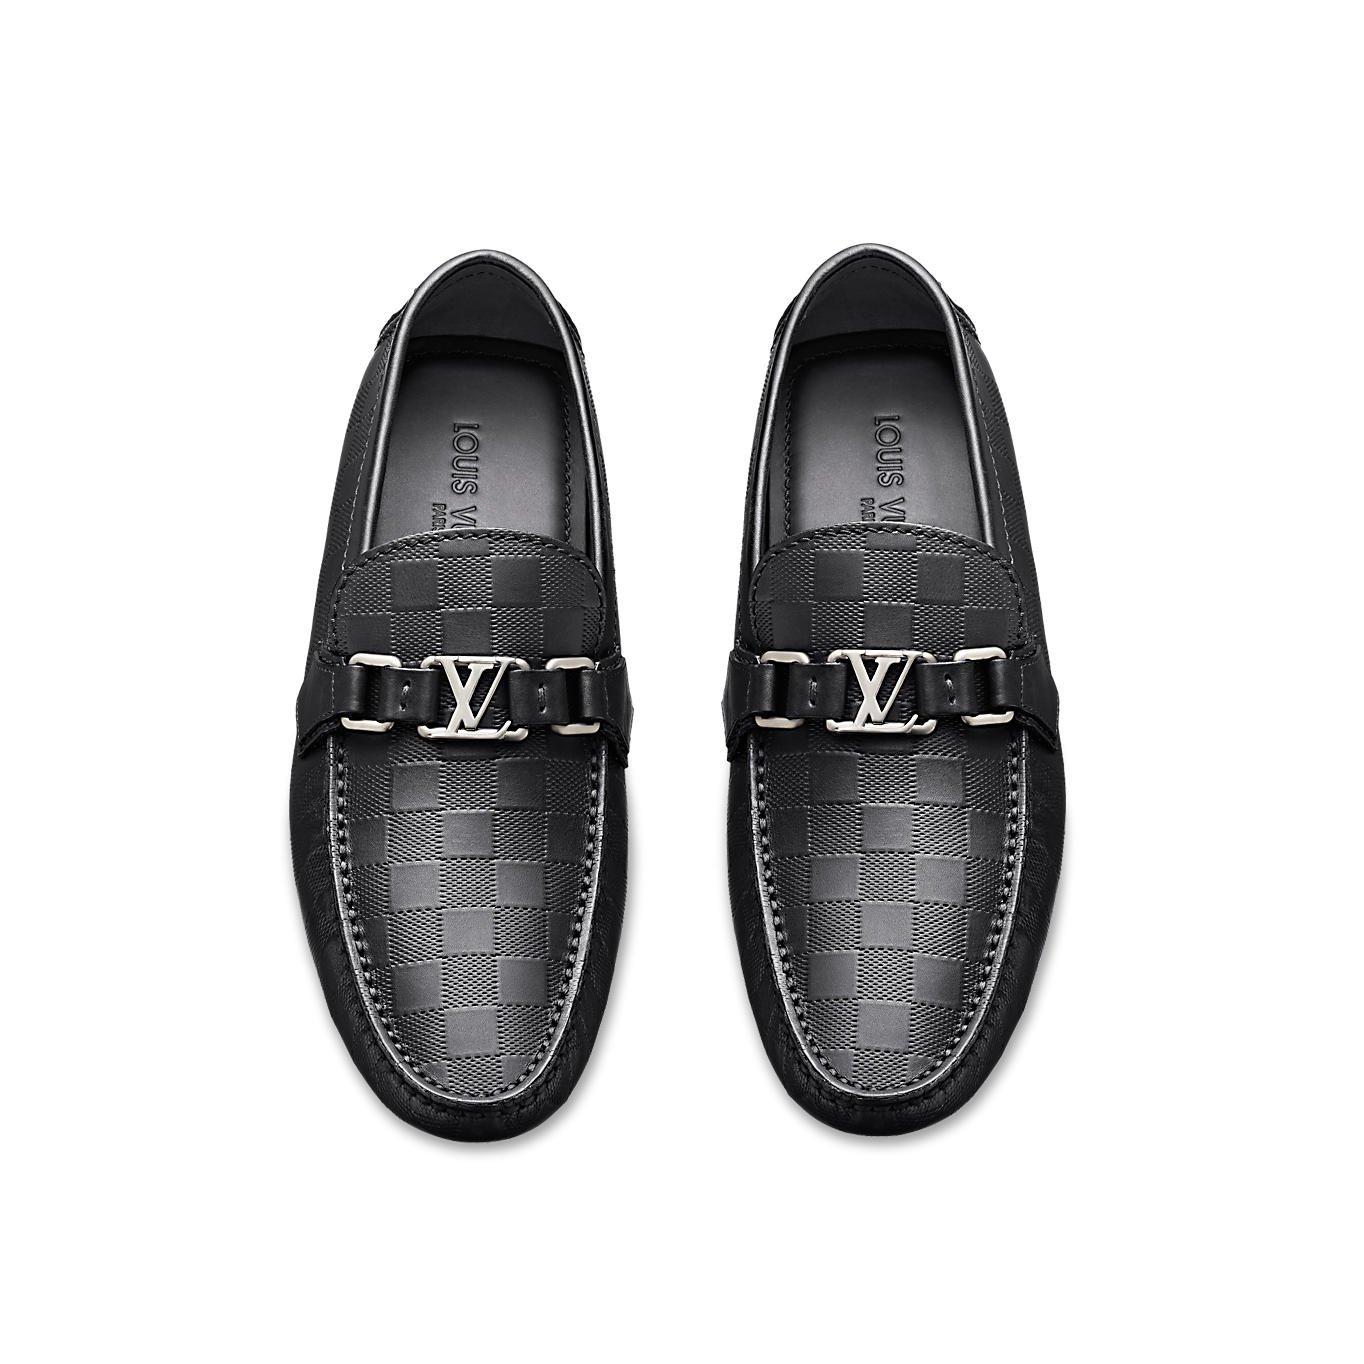 Louis Vuitton - Mocasines de Otra Piel para Hombre Negro Onyx: Amazon.es: Zapatos y complementos